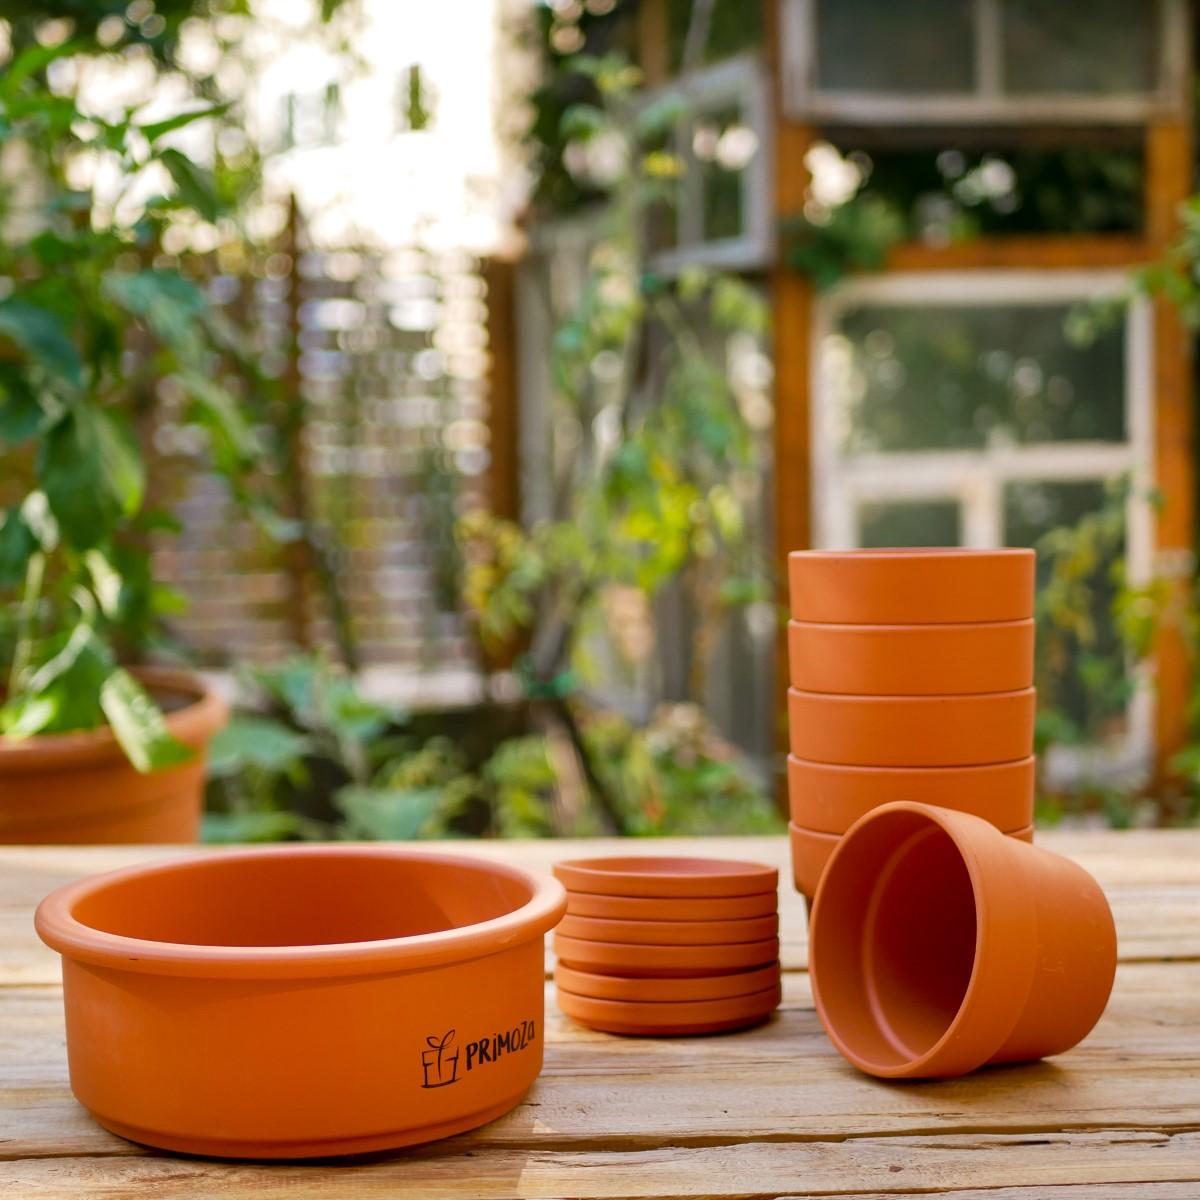 Ein Stapel kleiner Tontöpfe und eine Anzuchtschale aus Ton von primoza stehen auf einem Holztisch in einem Garten in der Stadt